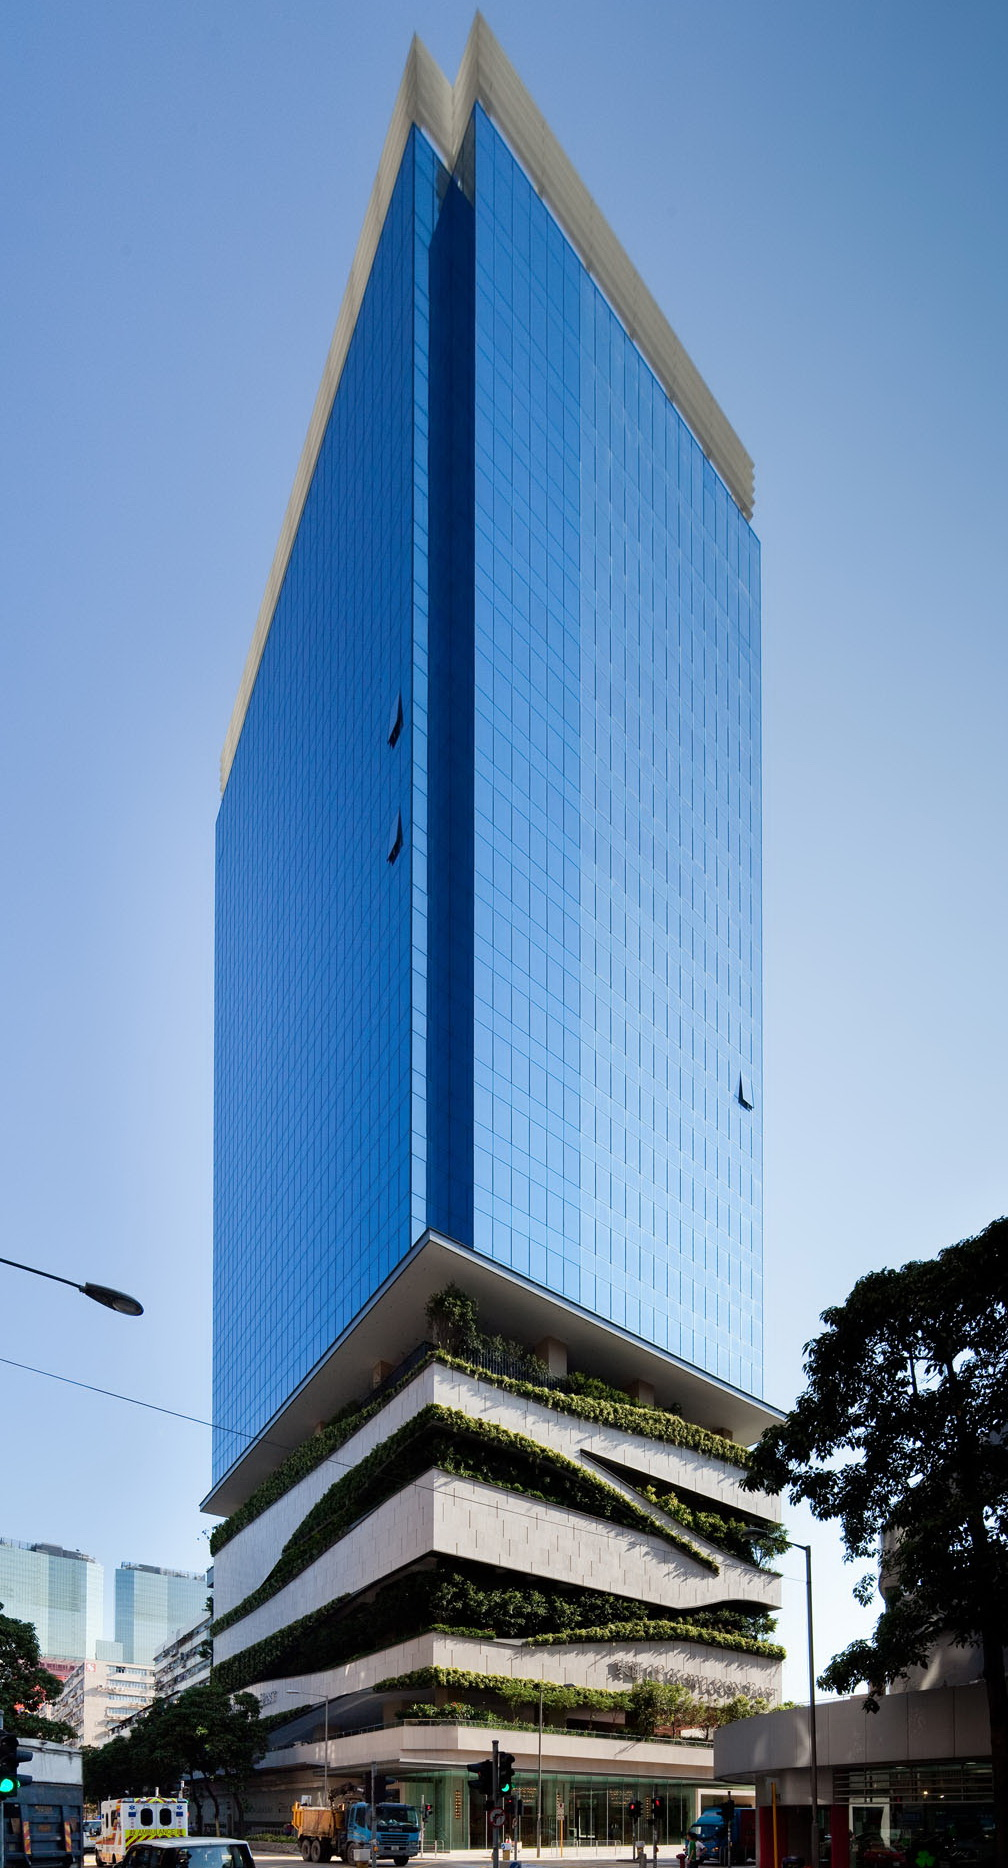 """Архитектура ЖК """"Крылья"""" - пожалуй, одна из самых интересных из всех ЖК в Раменках. А кто архитекторы? Kowloo11"""